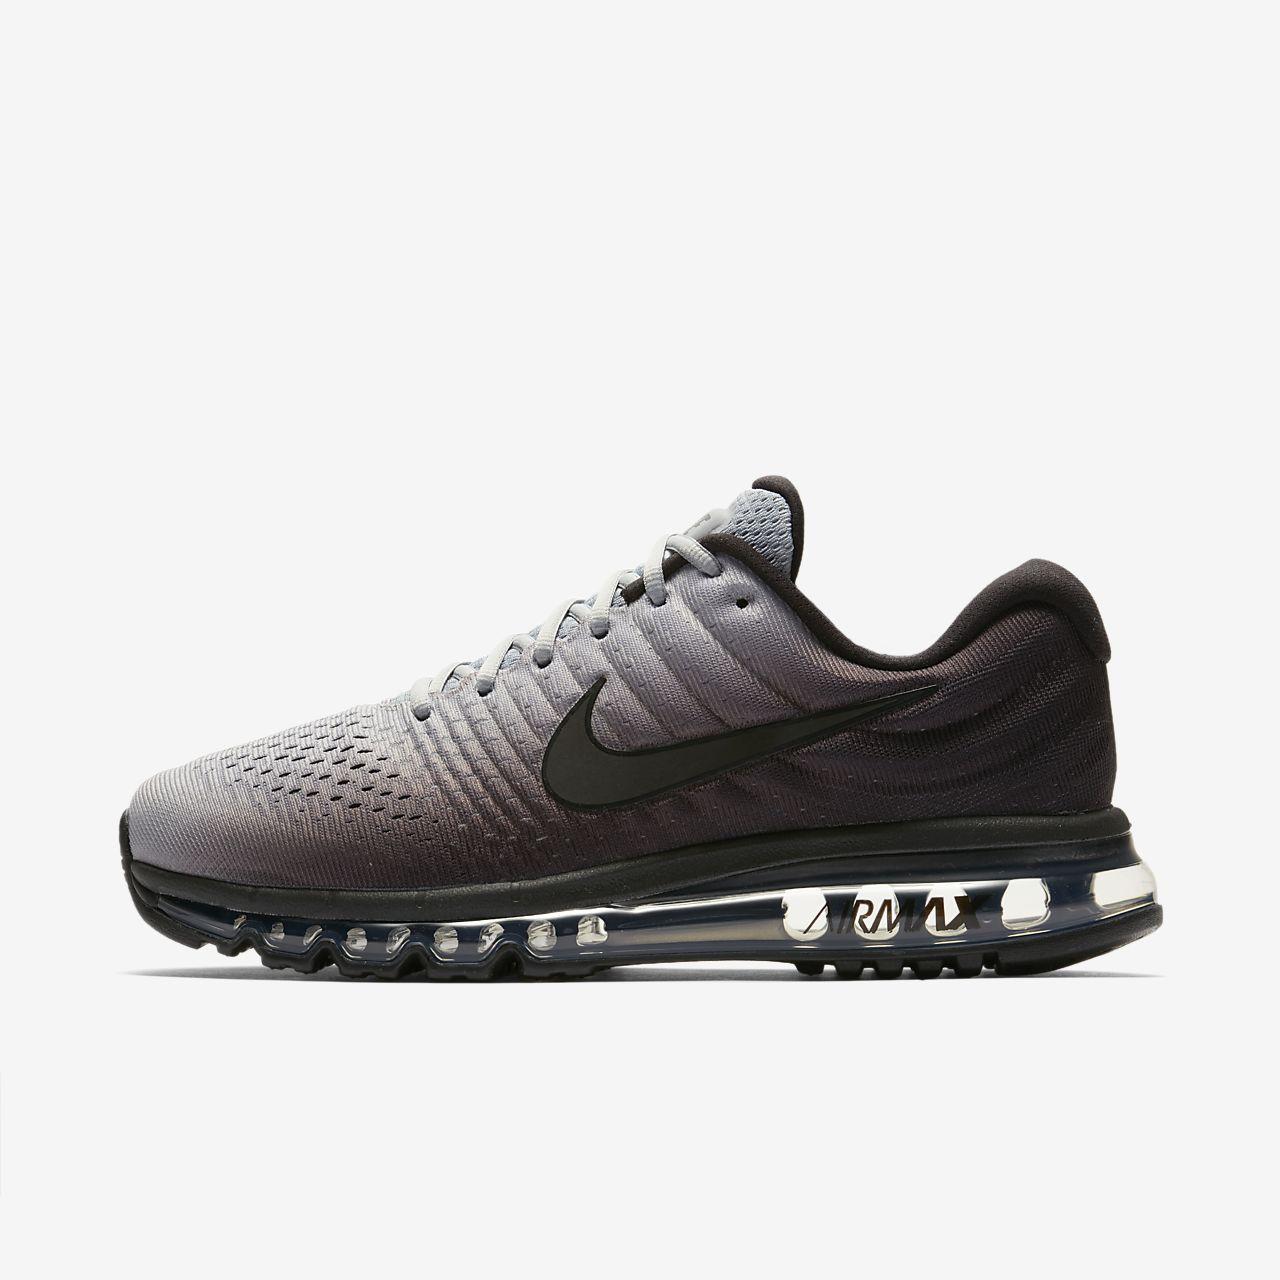 quality design cb3ac 99550 Calzado de running para hombre Nike Air Max 2017